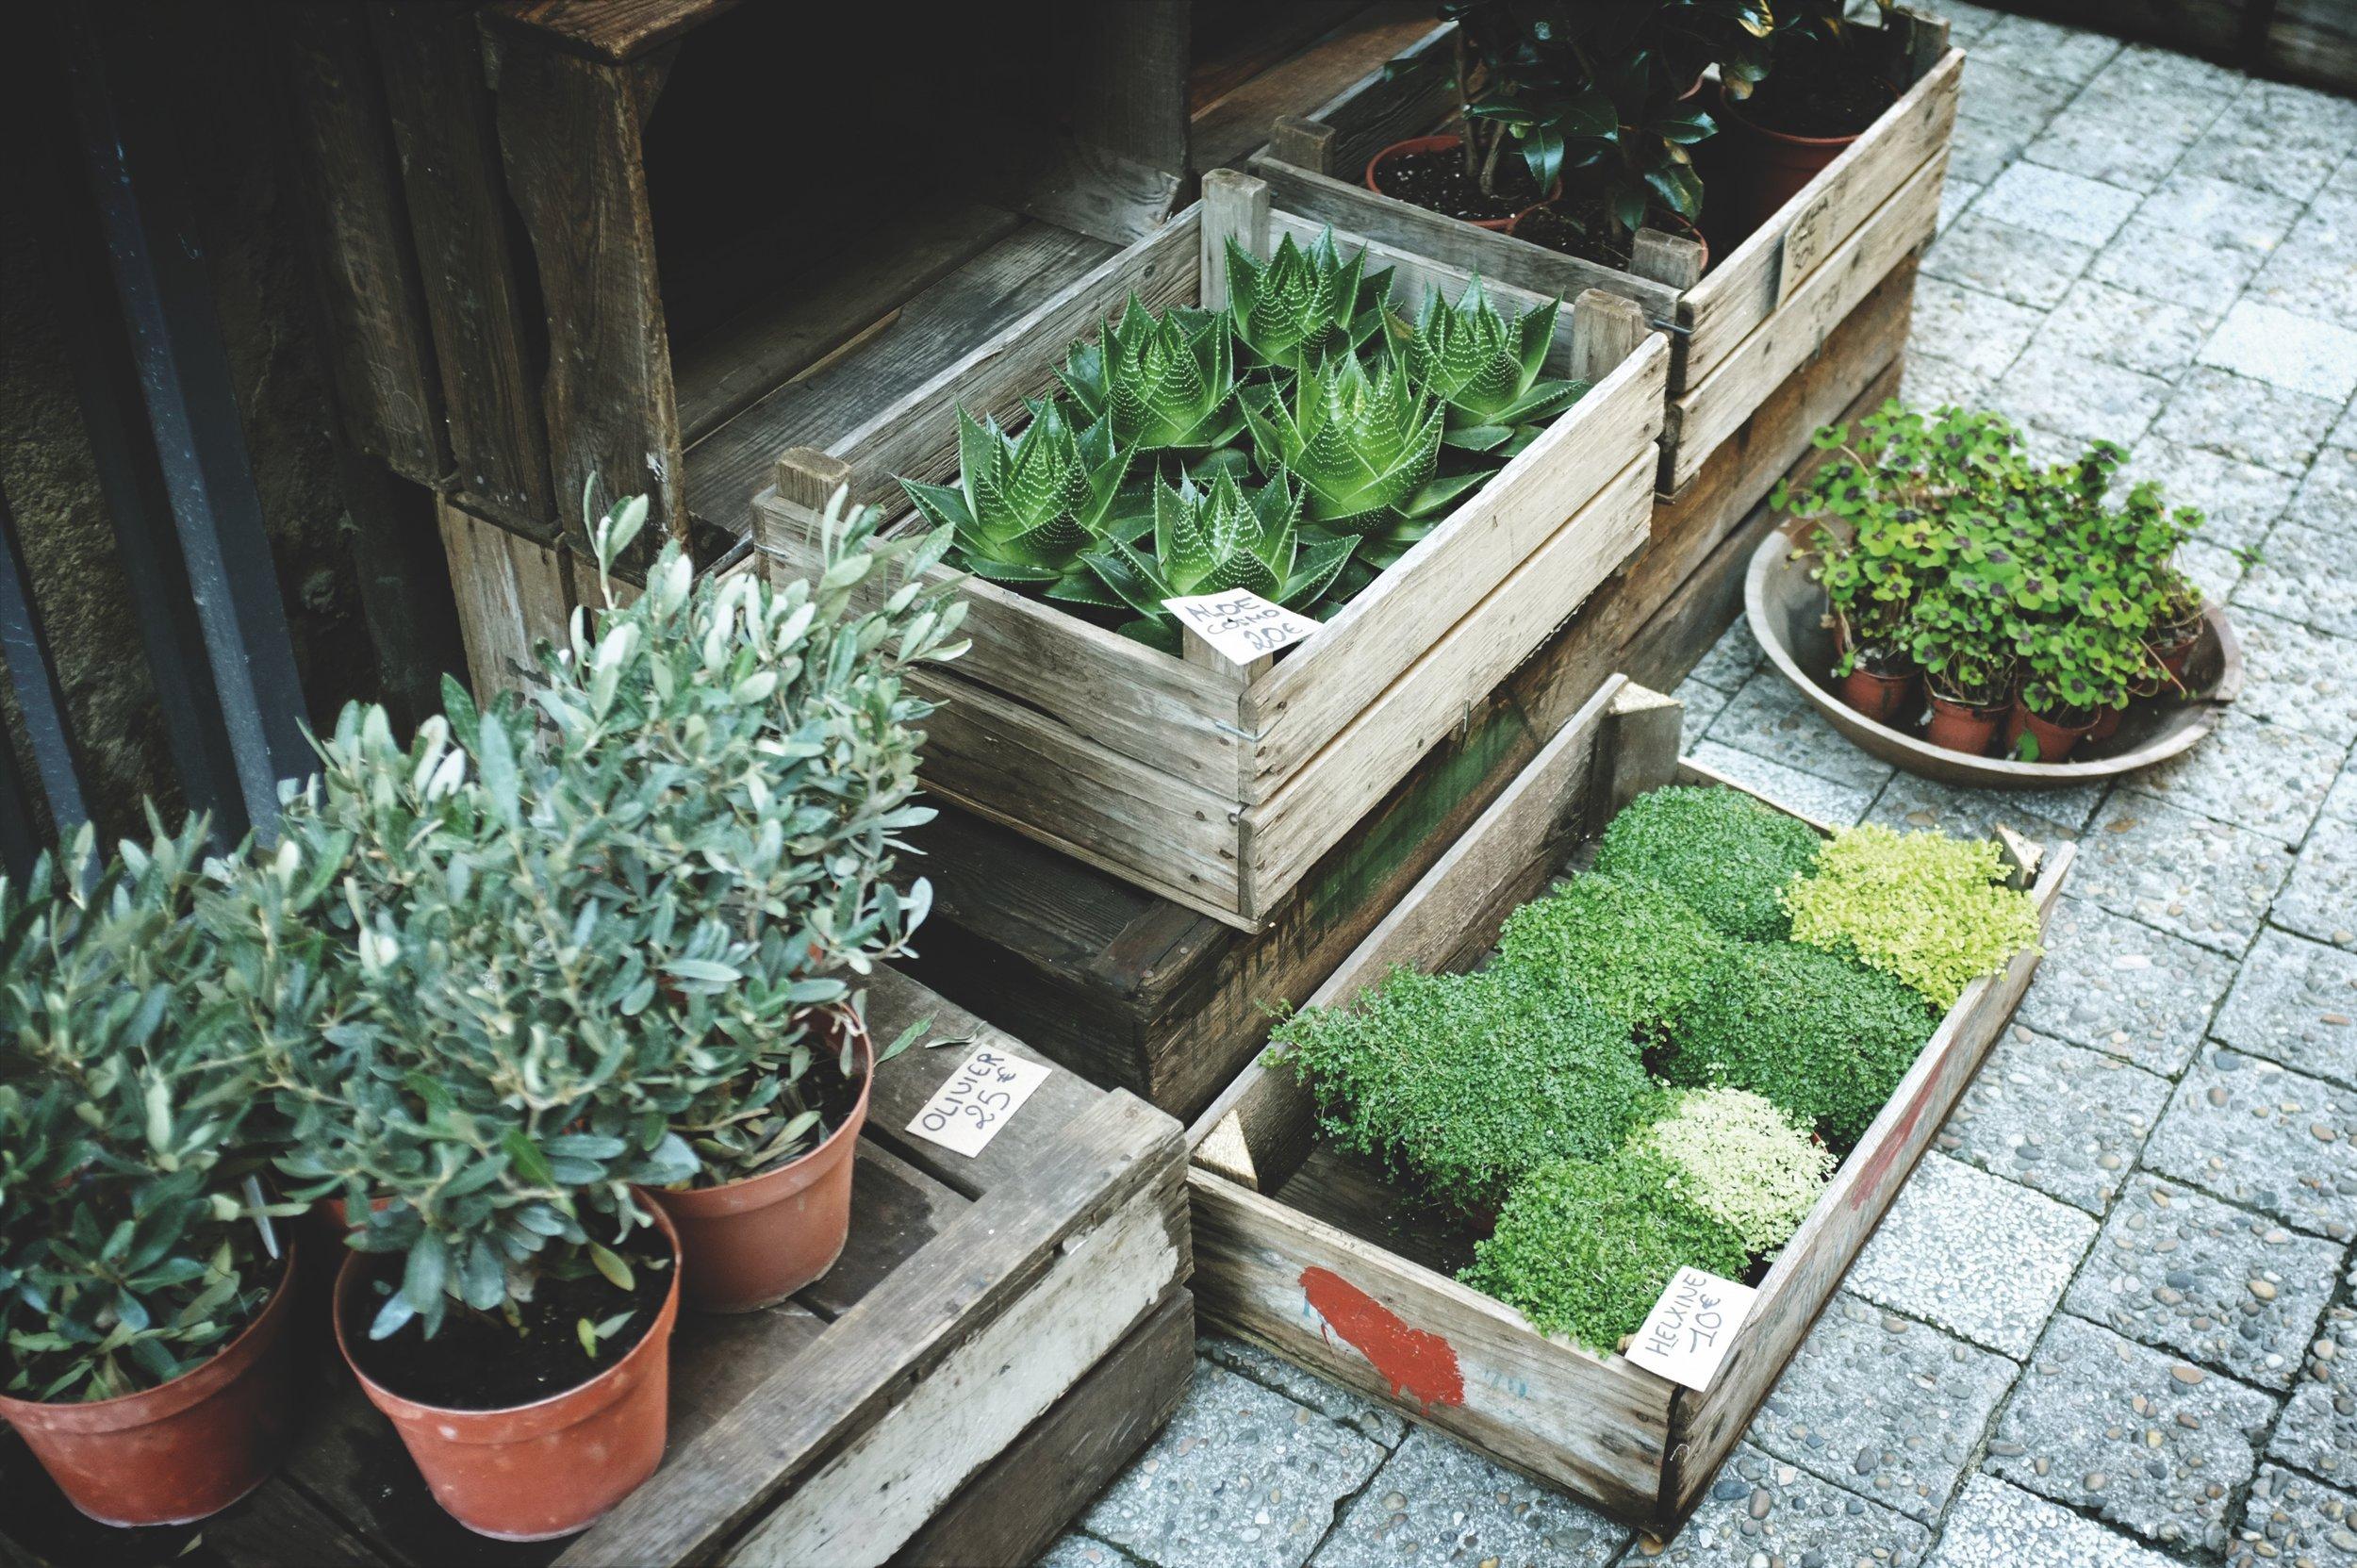 Gardens-feel-better